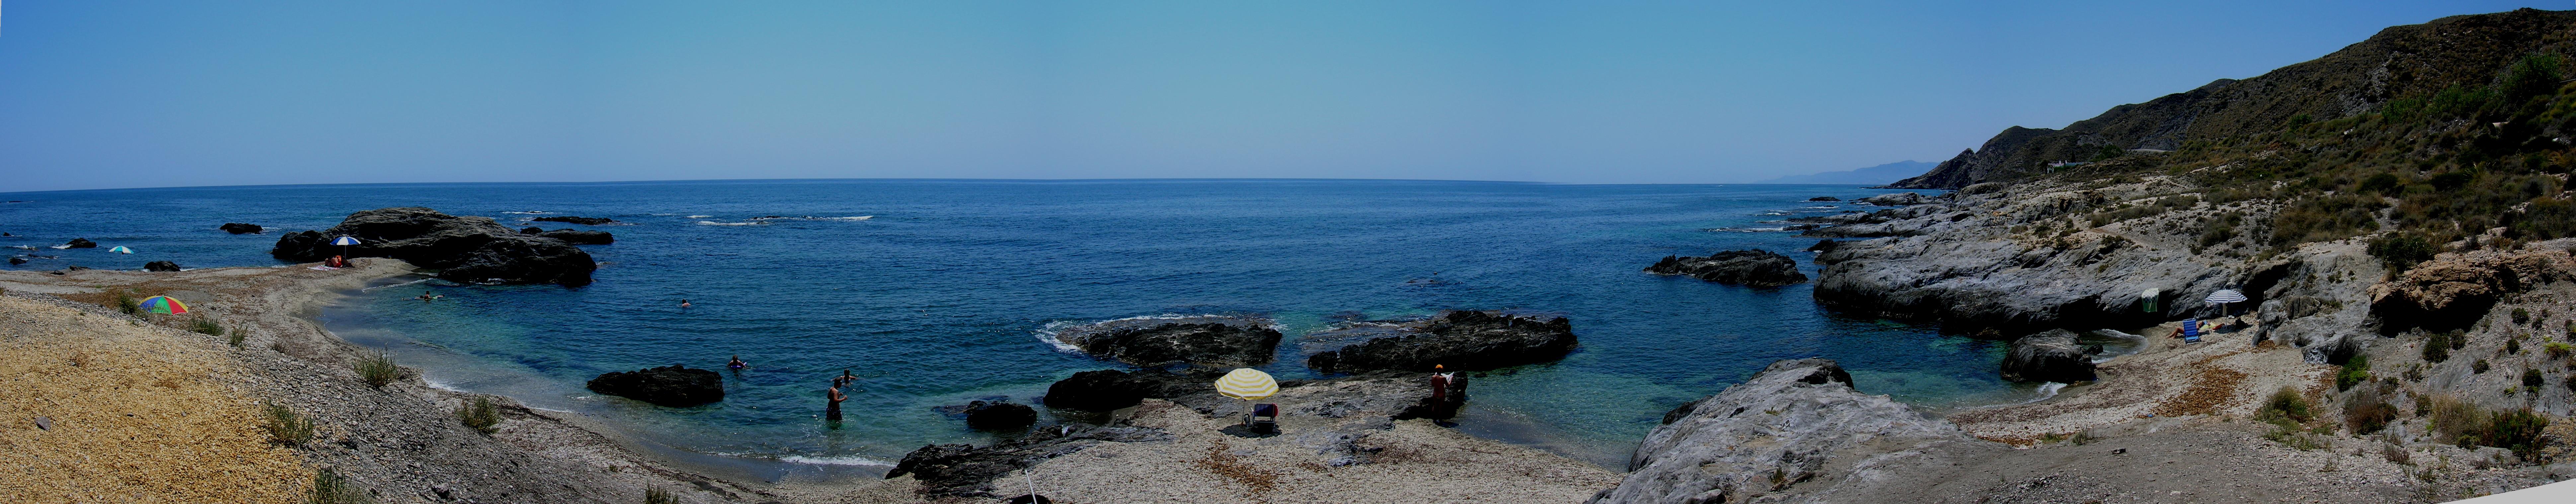 Foto playa Cala Invencible. Cala de cristal